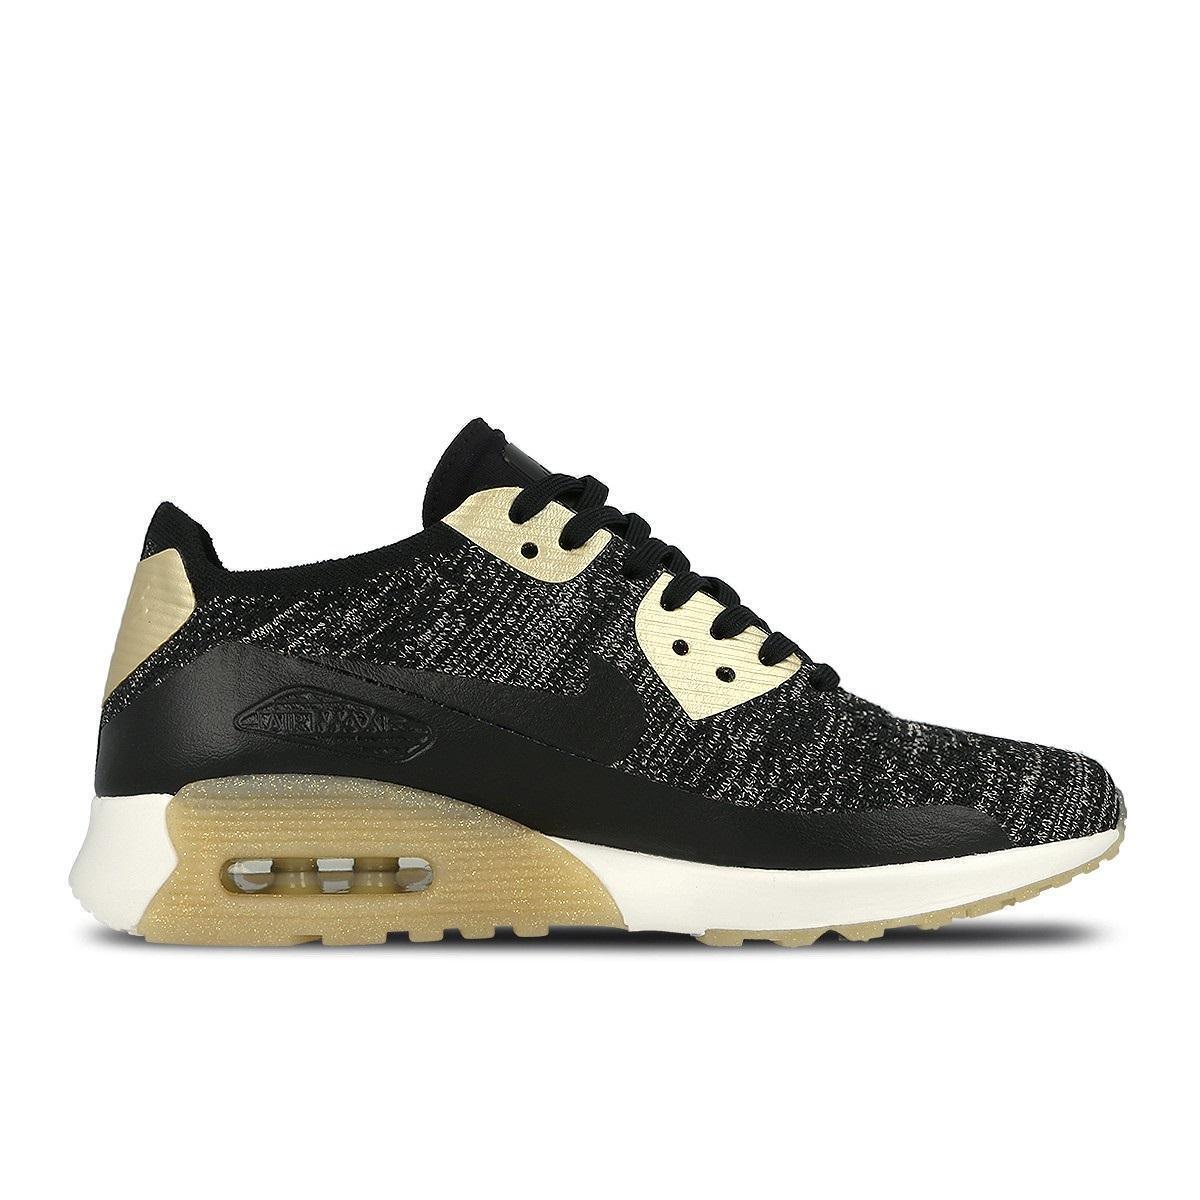 Da Donna Nike Air Max 90 Ultra 2.0 FK mrlc NERO Scarpe da ginnastica 881563 001